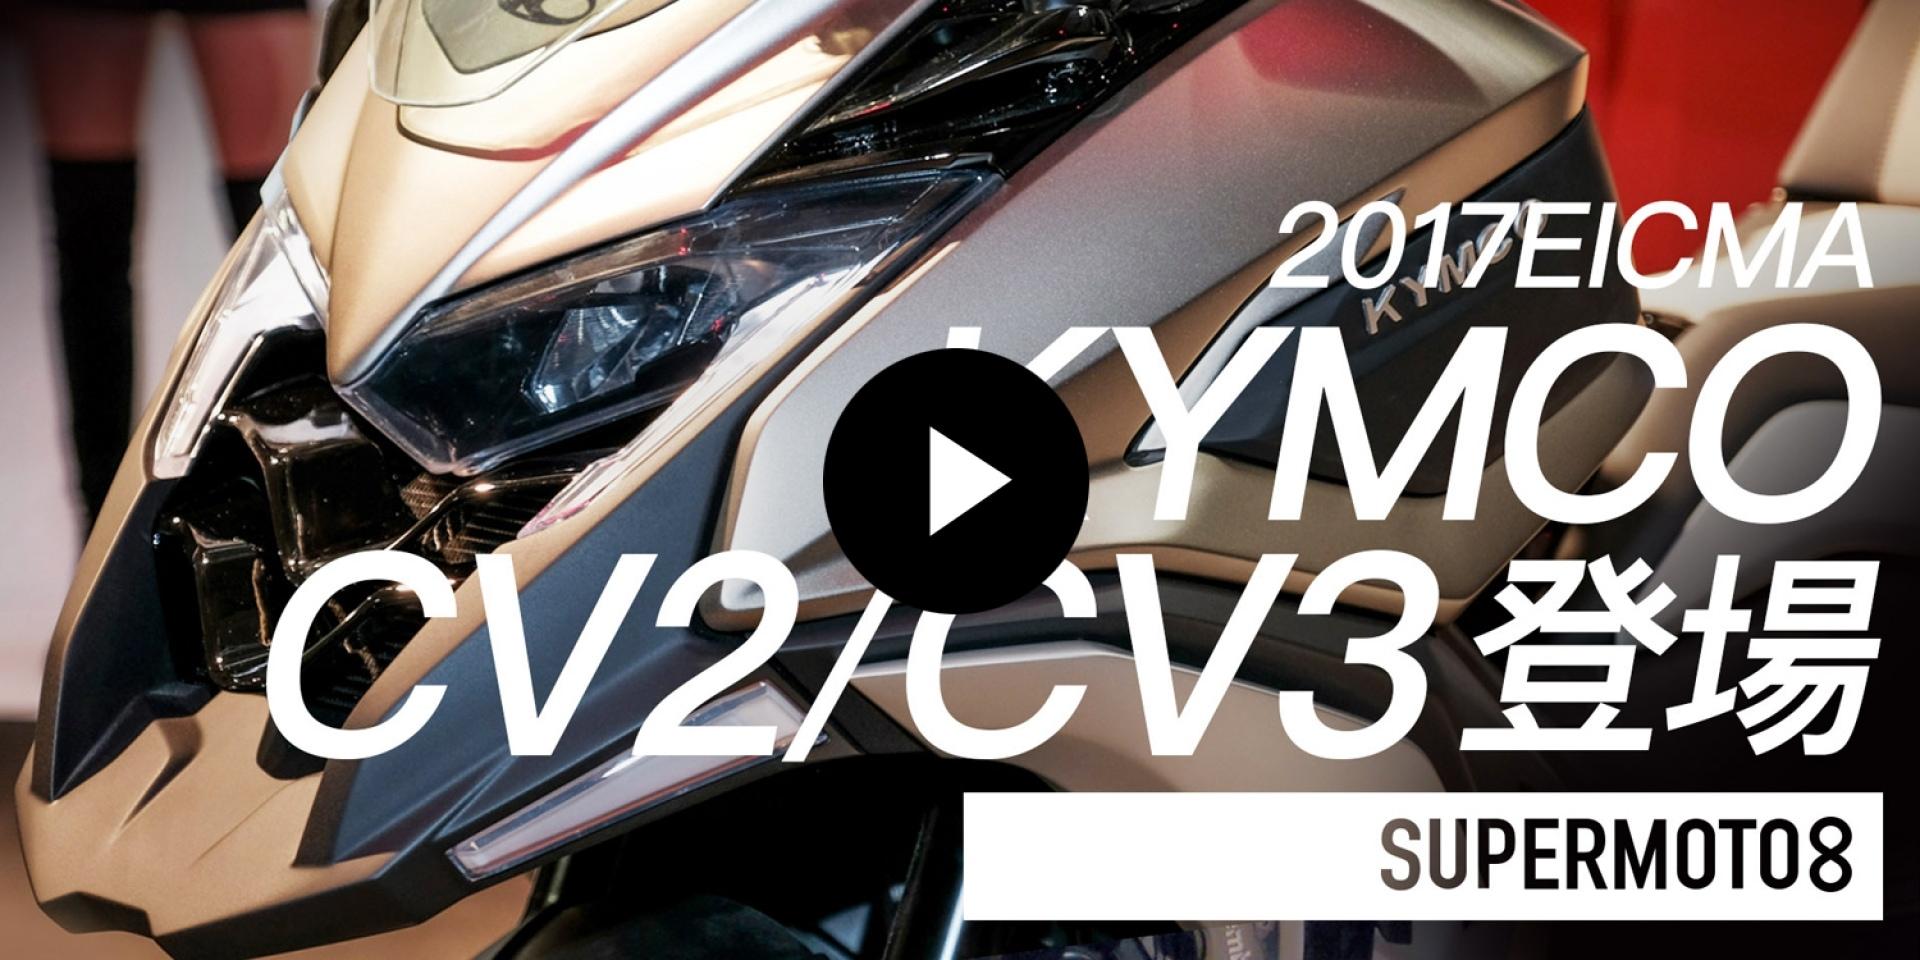 米蘭車展。KYMCO CV2/CV3